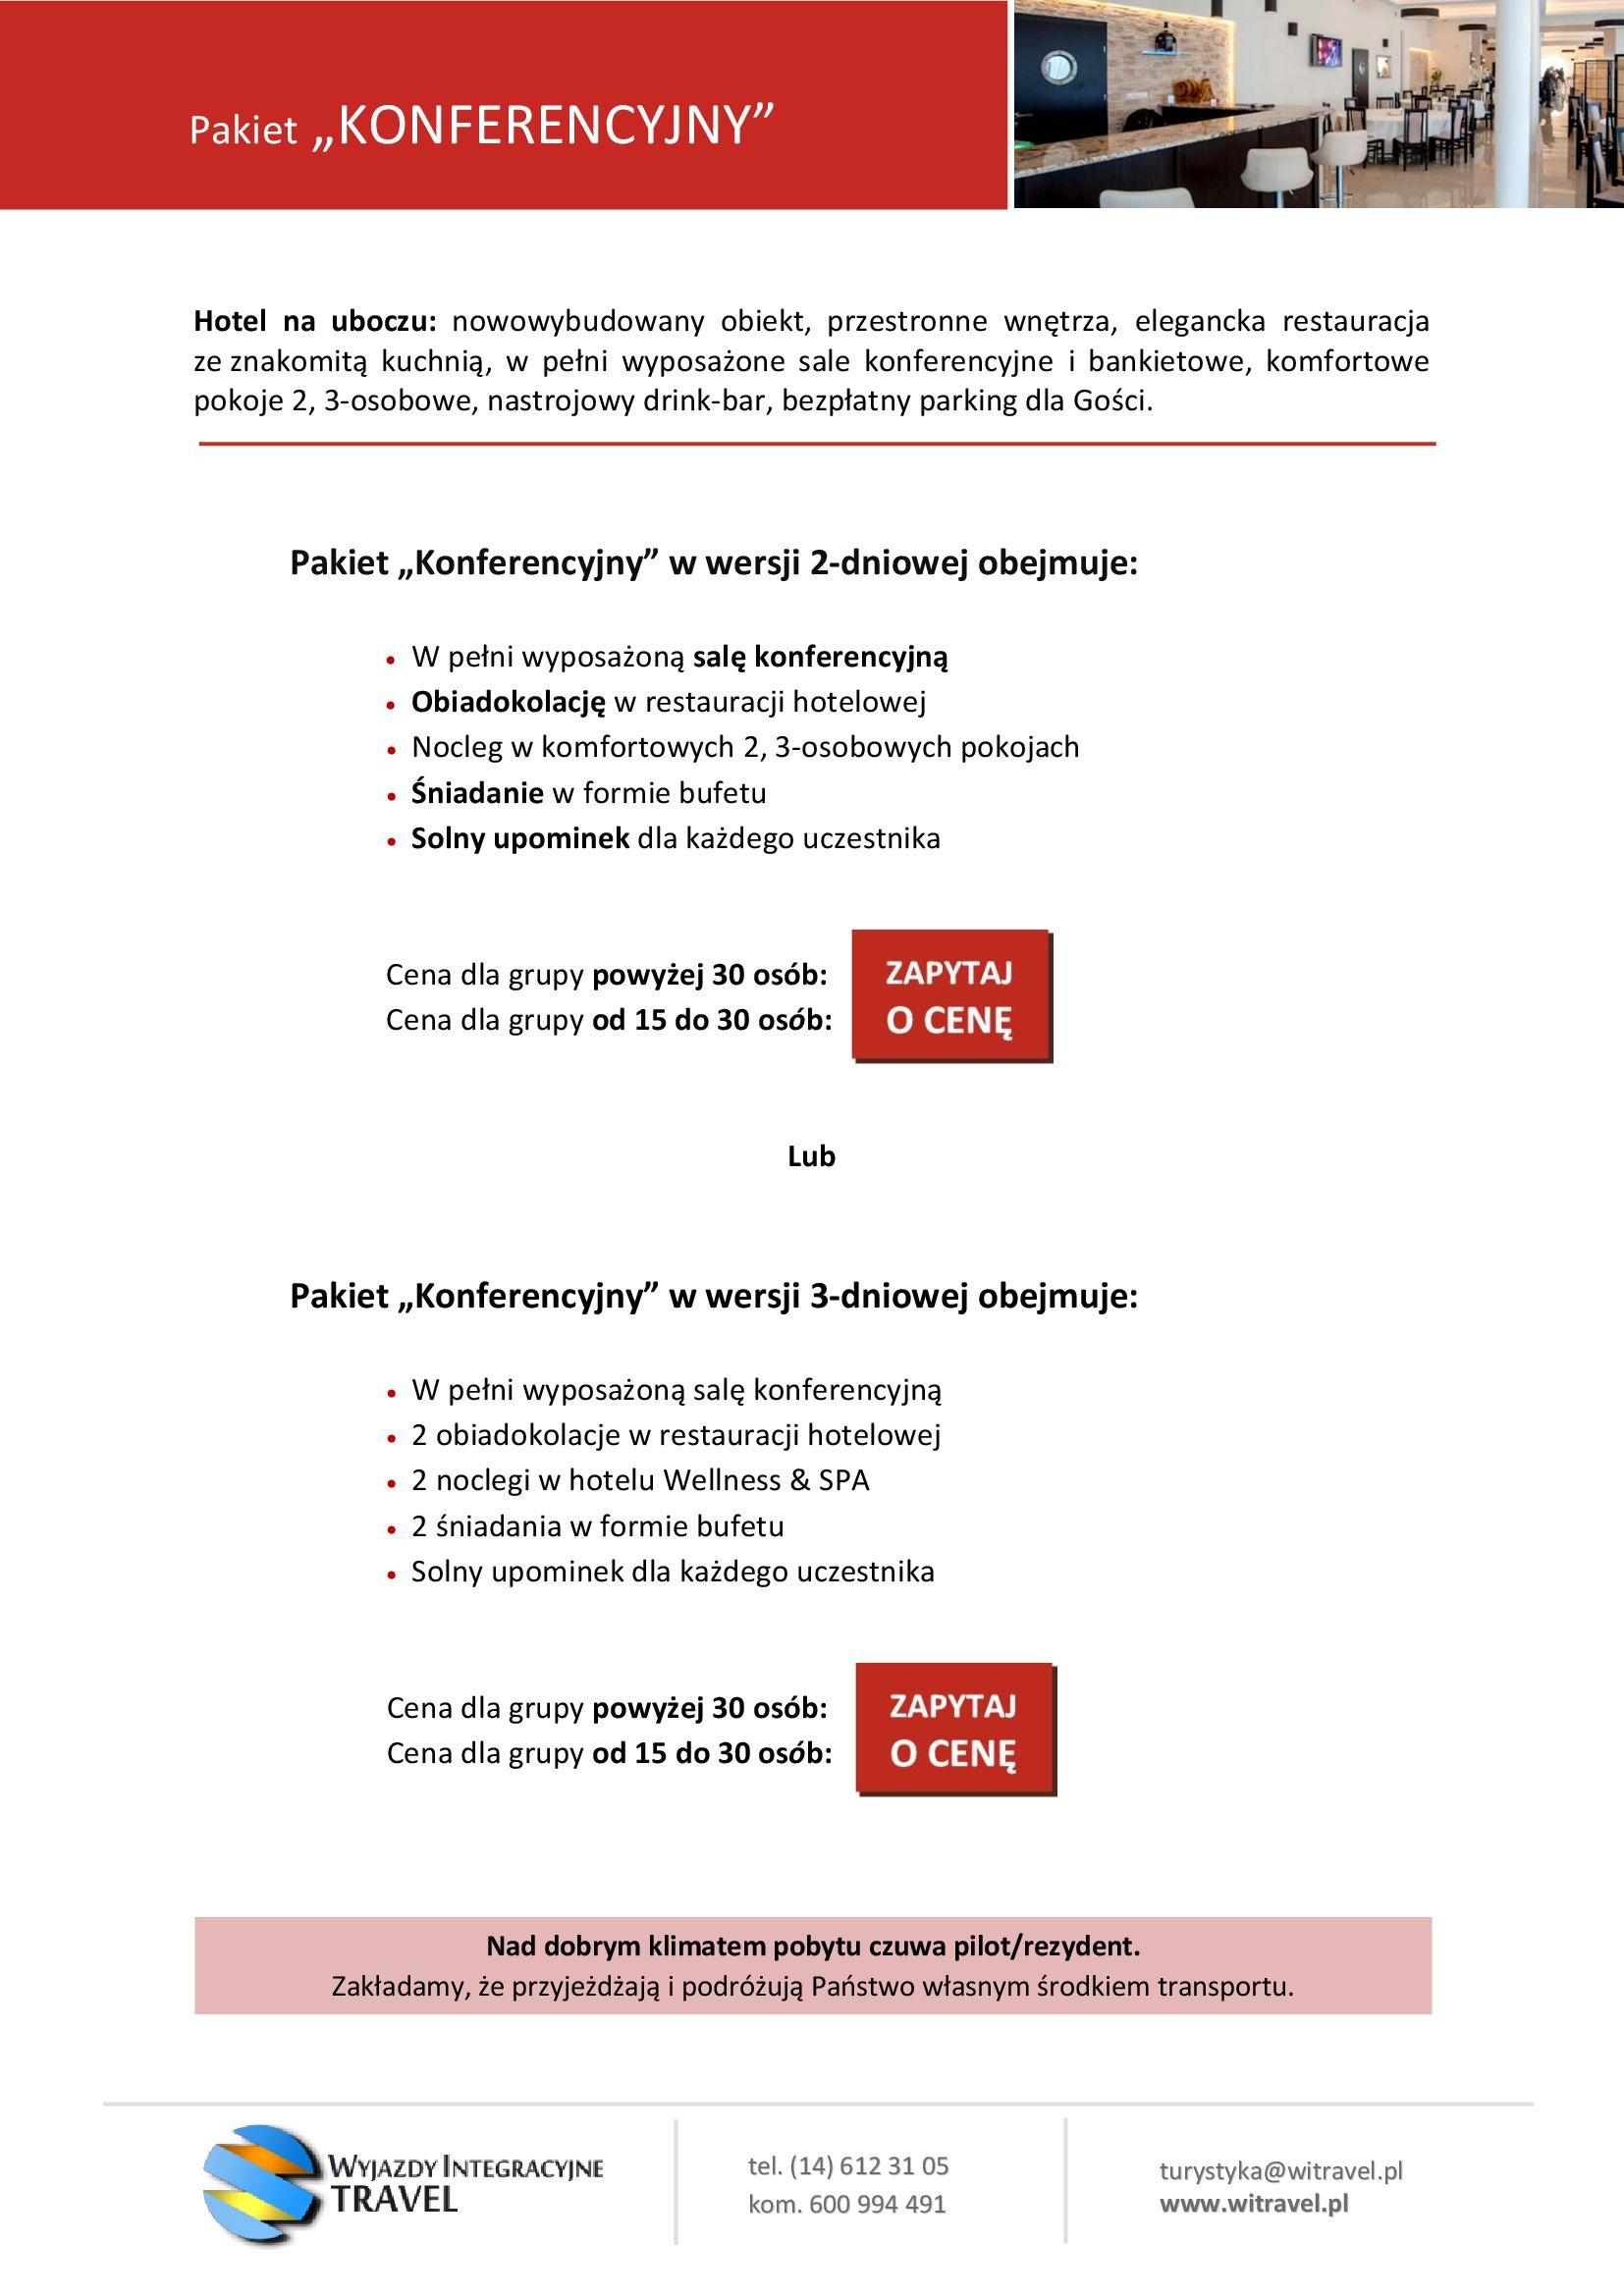 Oferta WI Travel - Pakiet Konferencyjny